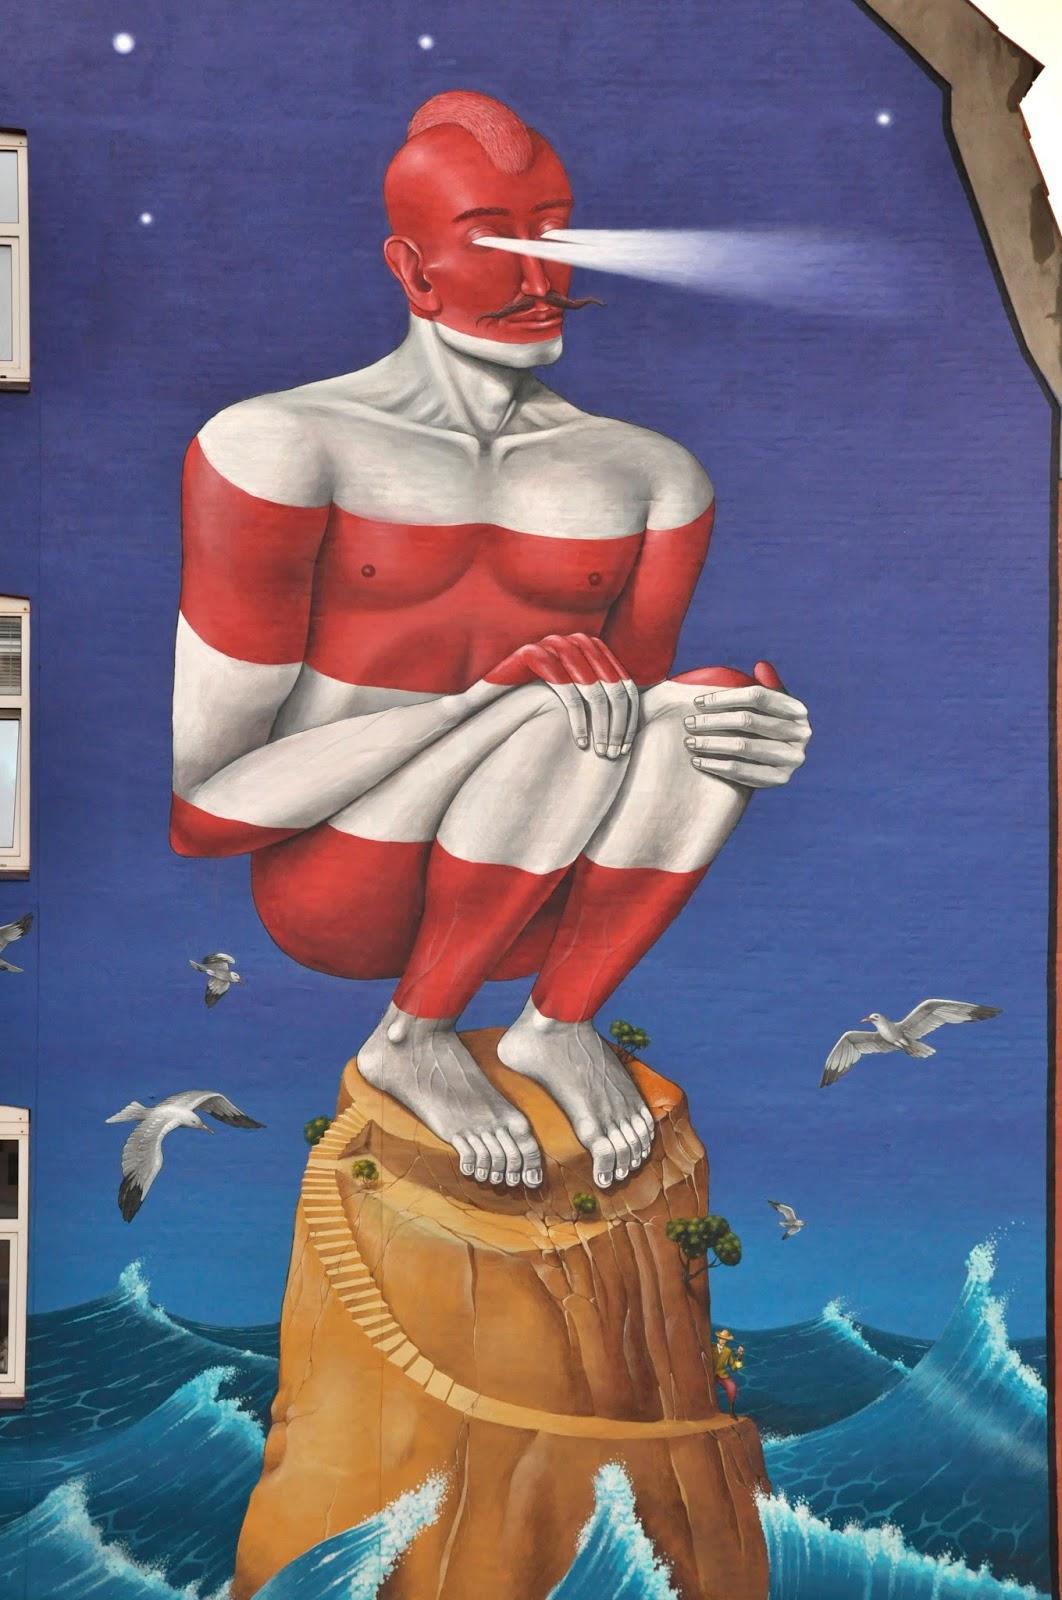 interesni-kazki-new-mural-in-aalborg-denmark-02